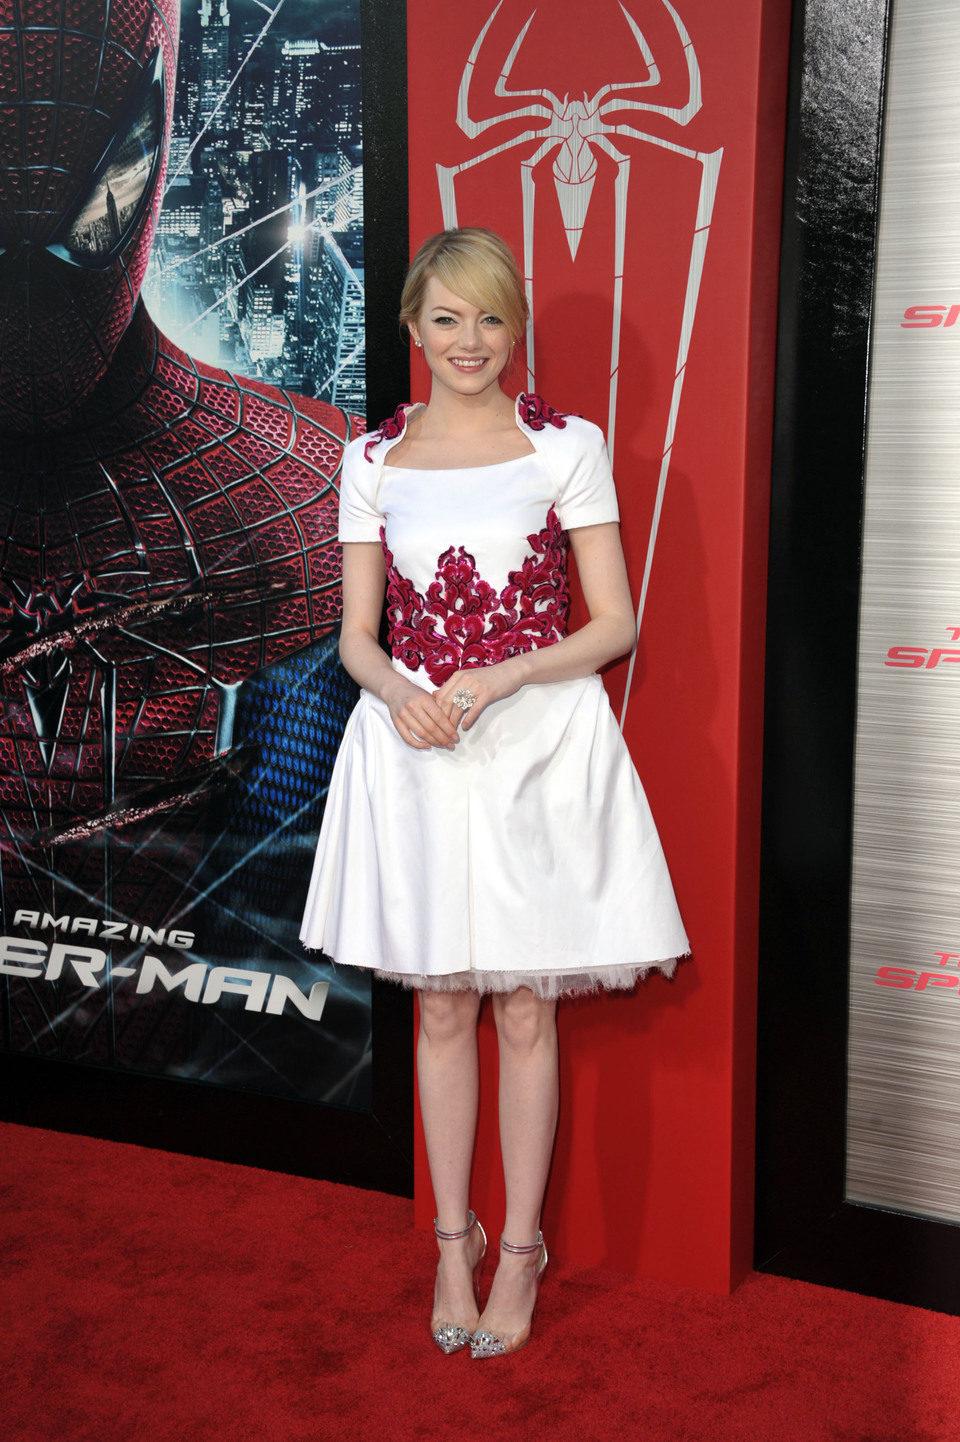 Emma Stone en la premiére de 'The Amazing Spider-Man' en Los Angeles